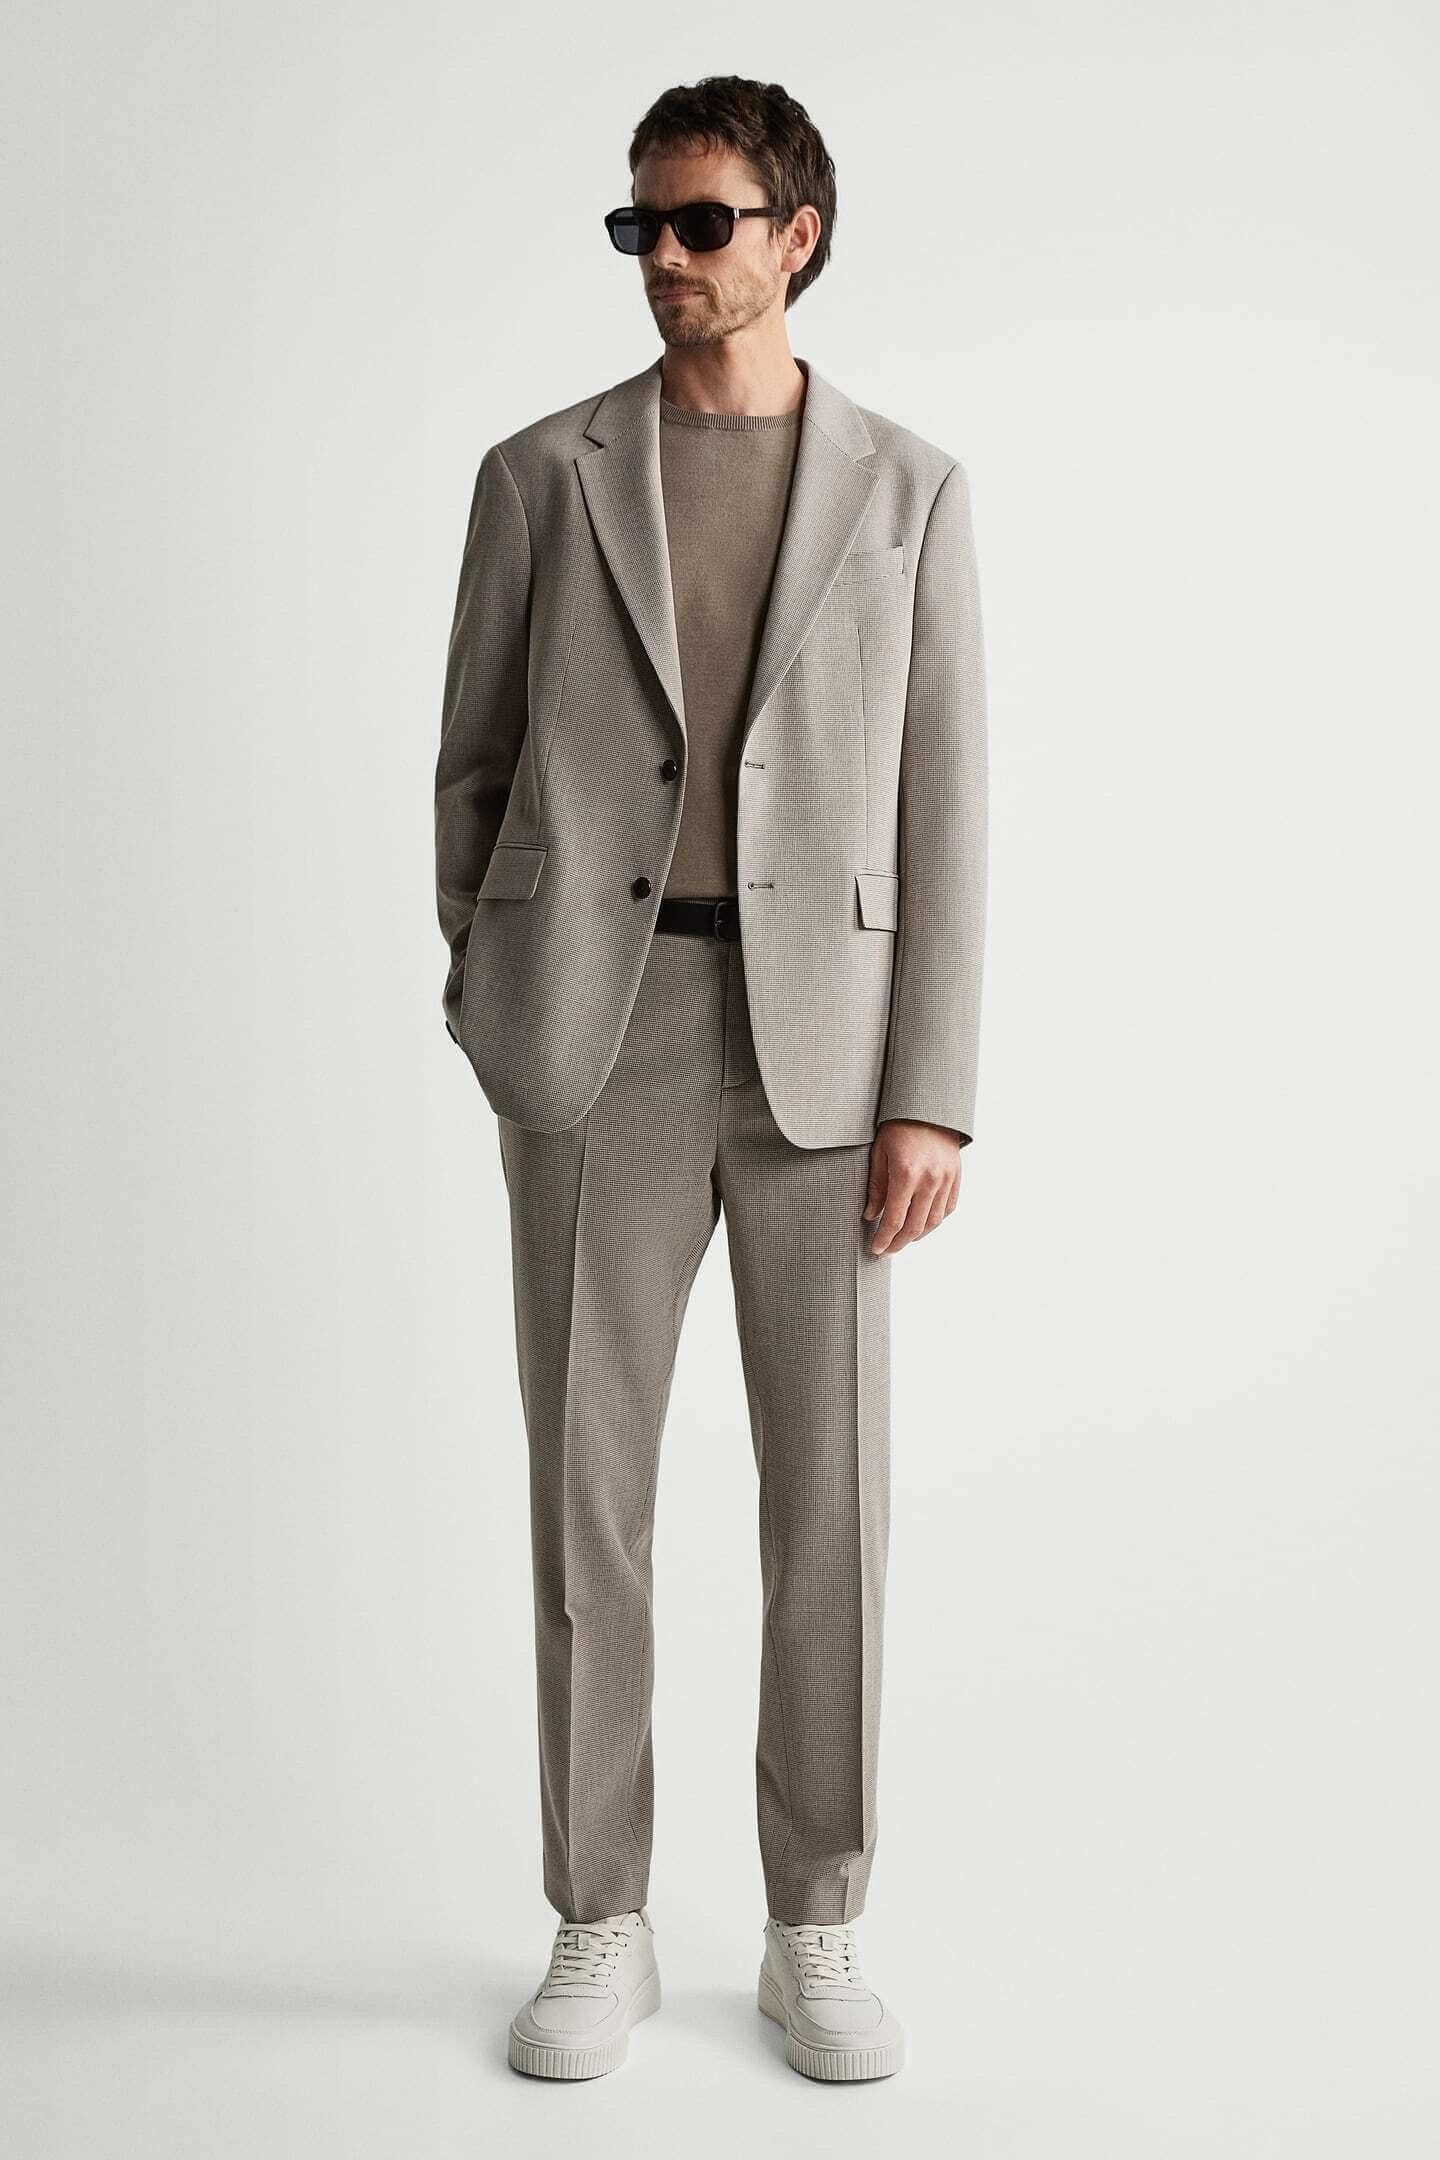 homem com fato cinzento da Zara